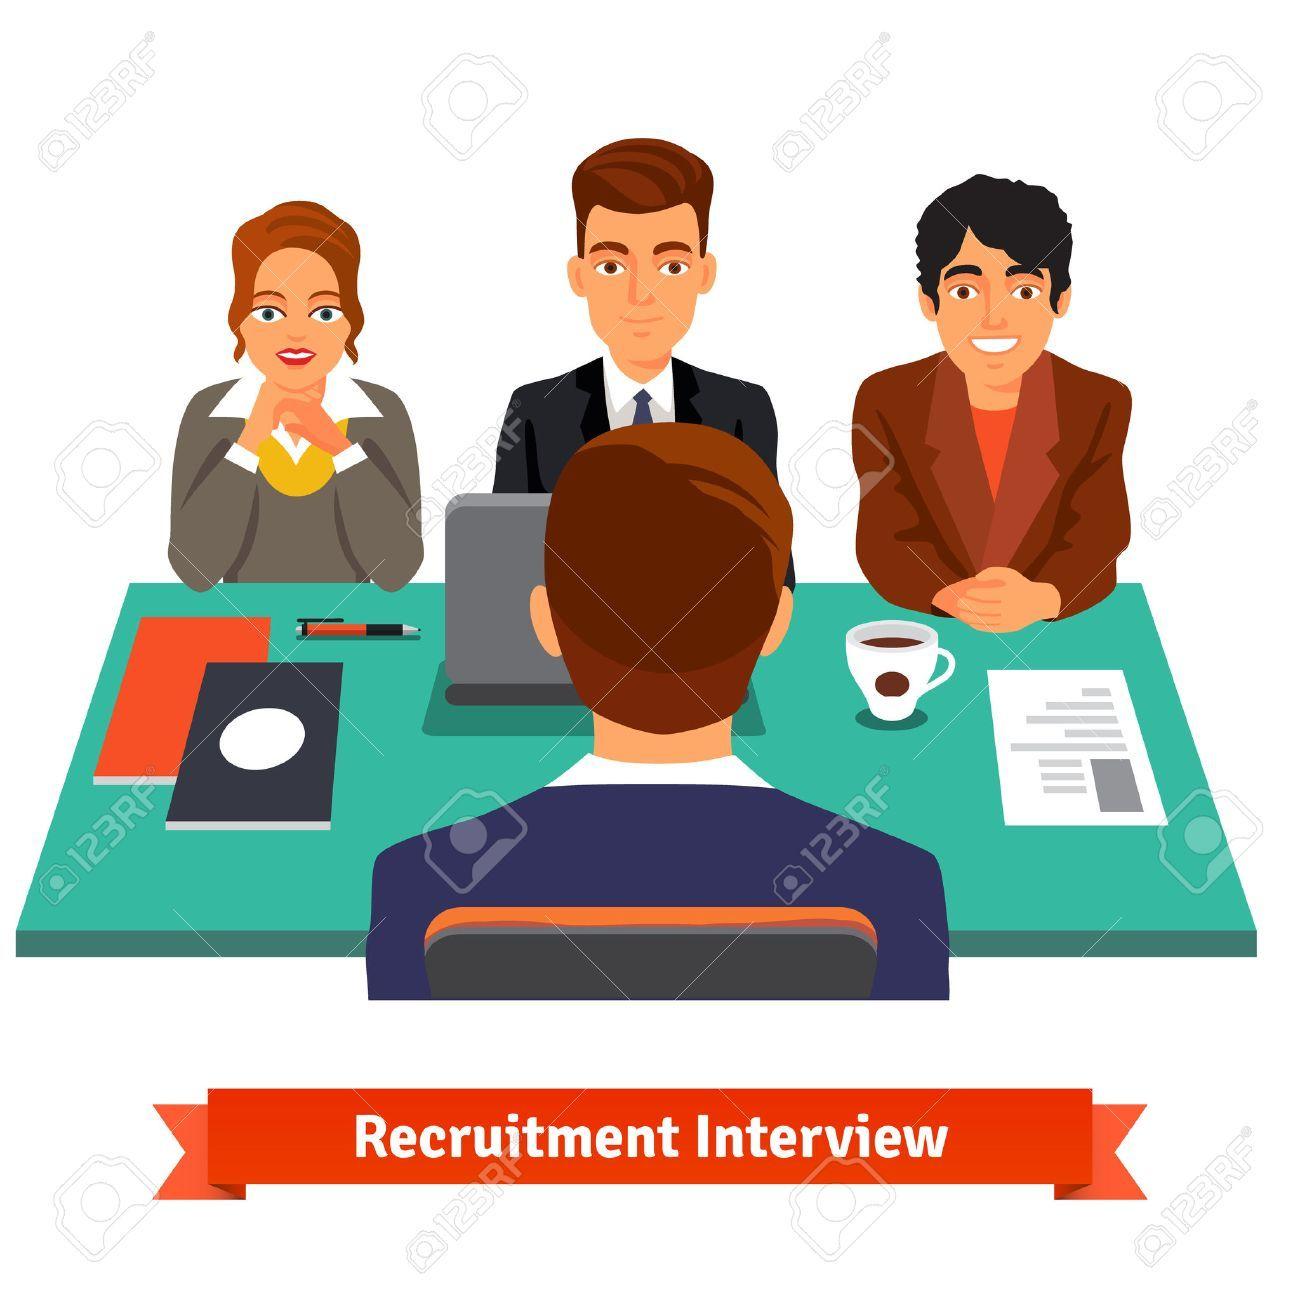 Free clipart job interview 5 » Clipart Portal.